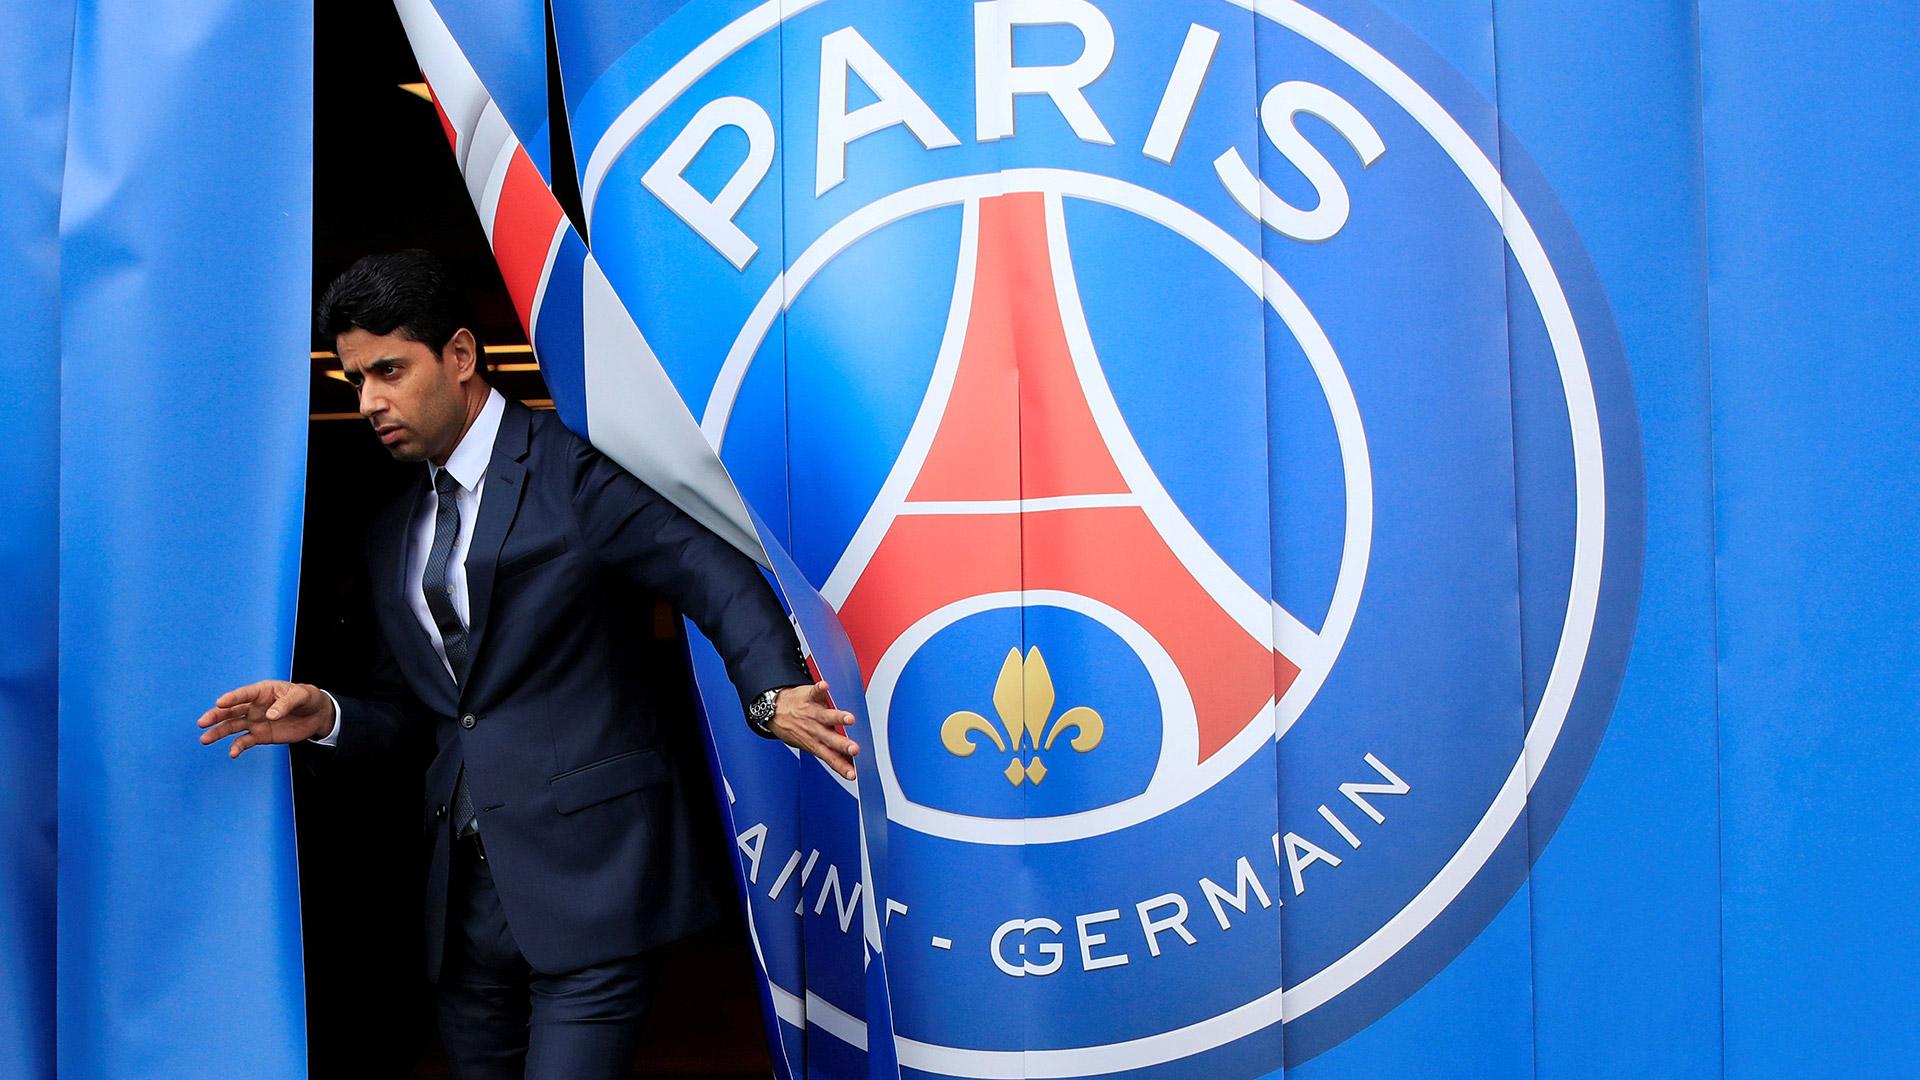 ปารีส แซงต์ แชร์กแม็ง และเนย์มาร์ จะเดินไปทางไหนต่อ หลังพลาดแชมป์ยุโรป หัวข้อ